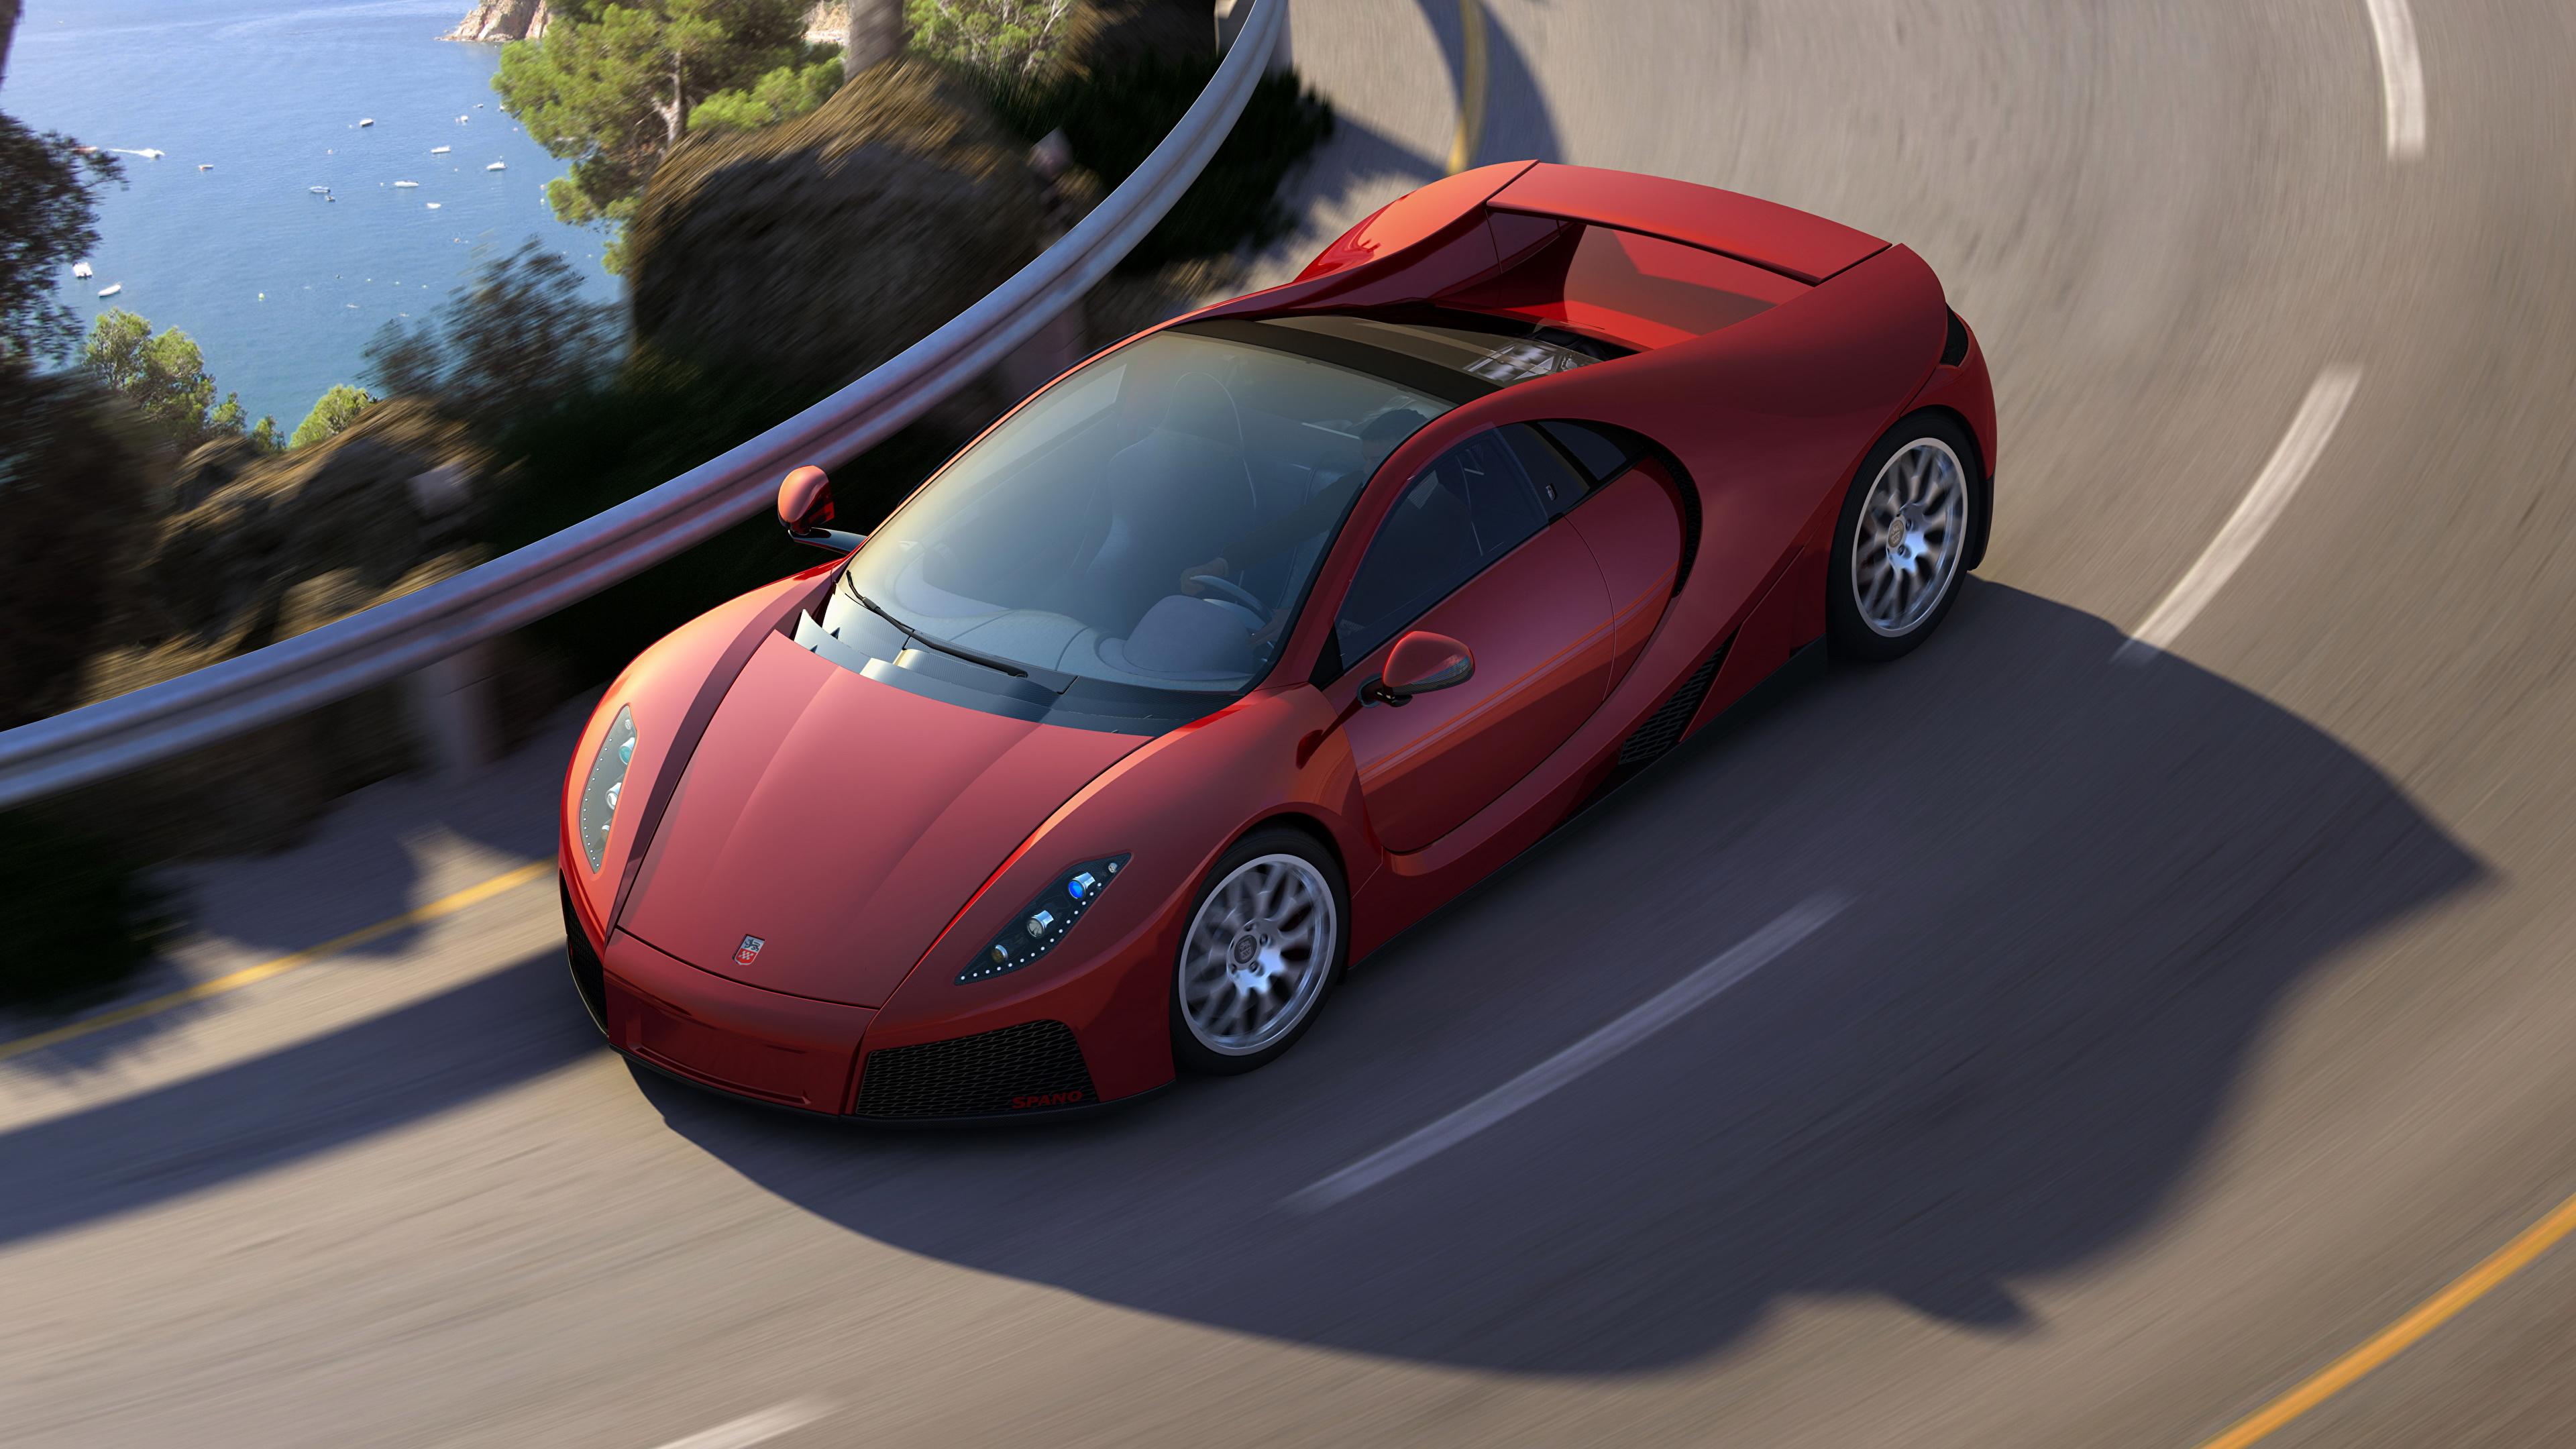 Fonds D Ecran 3840x2160 Gta Spano Routes 2012 Rouge Luxe